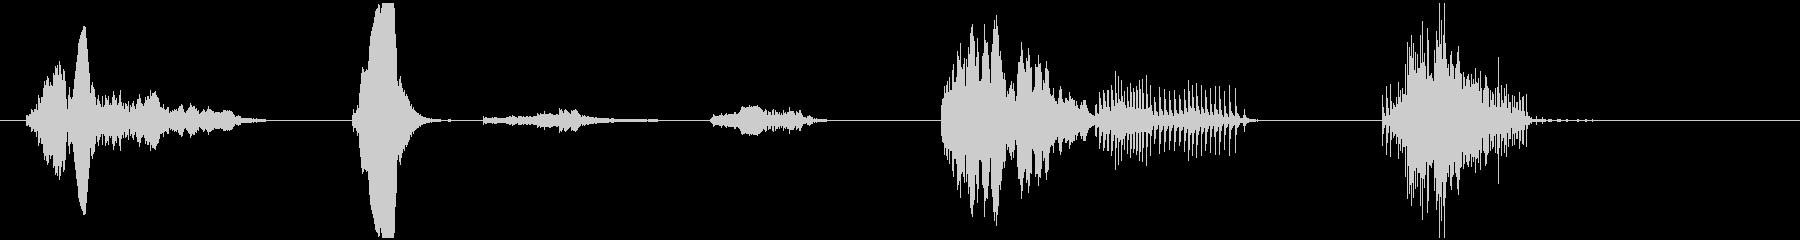 カウントB-ASSY、漫画、コメデ...の未再生の波形